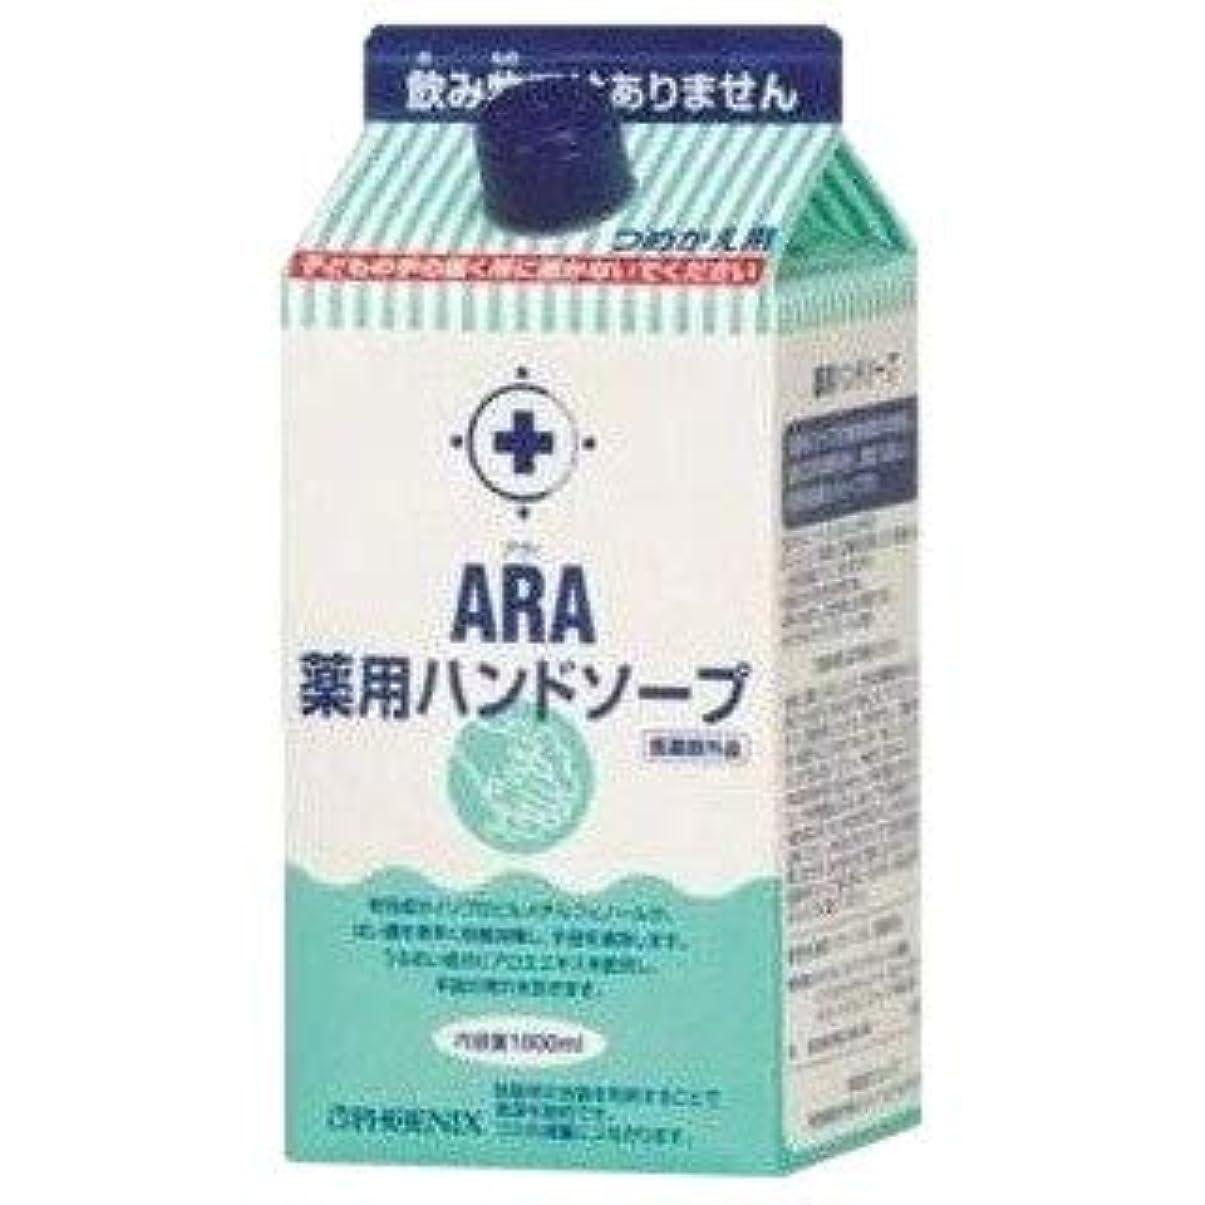 行列謝る認識ARA 薬用ハンドソープ(詰め替え用) 1000ml×12入